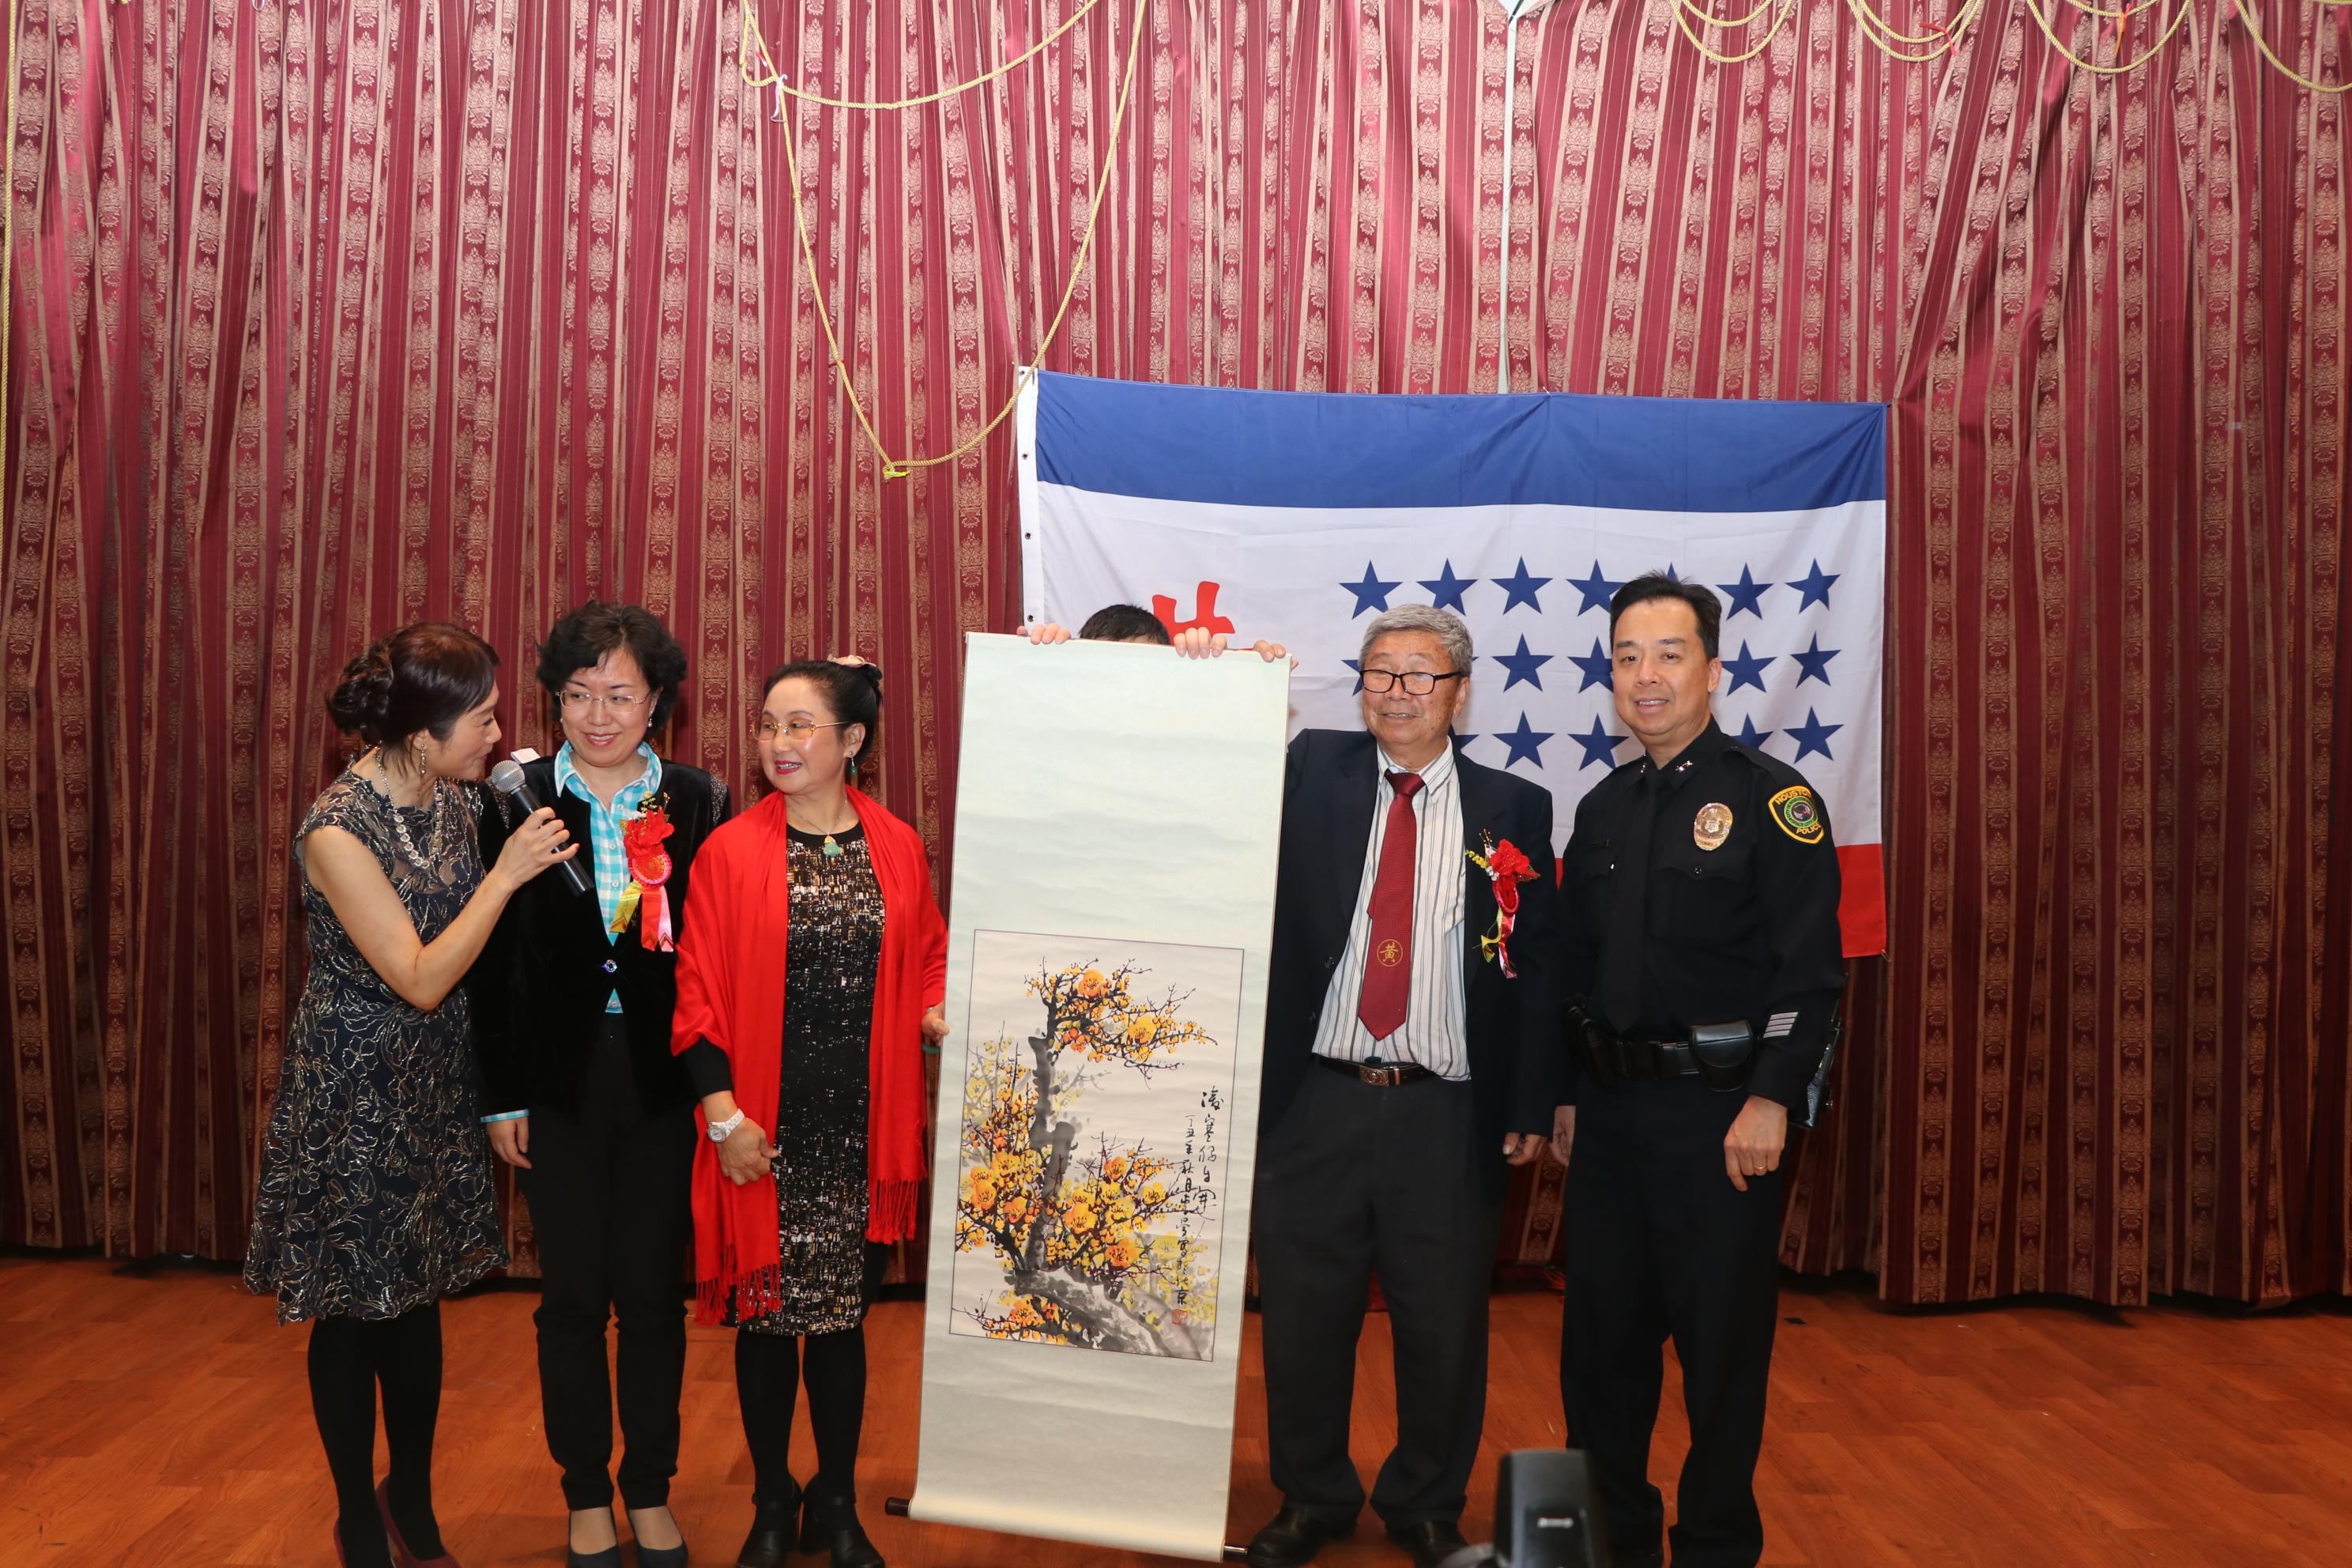 來自合肥的畫家李曼(左三)捐出畫作「寒梅花開」給大會主席黃孔威(右二)。左二為中國駐休士頓副總領事劉紅梅,右一為HPD副警長Henry Gaw。